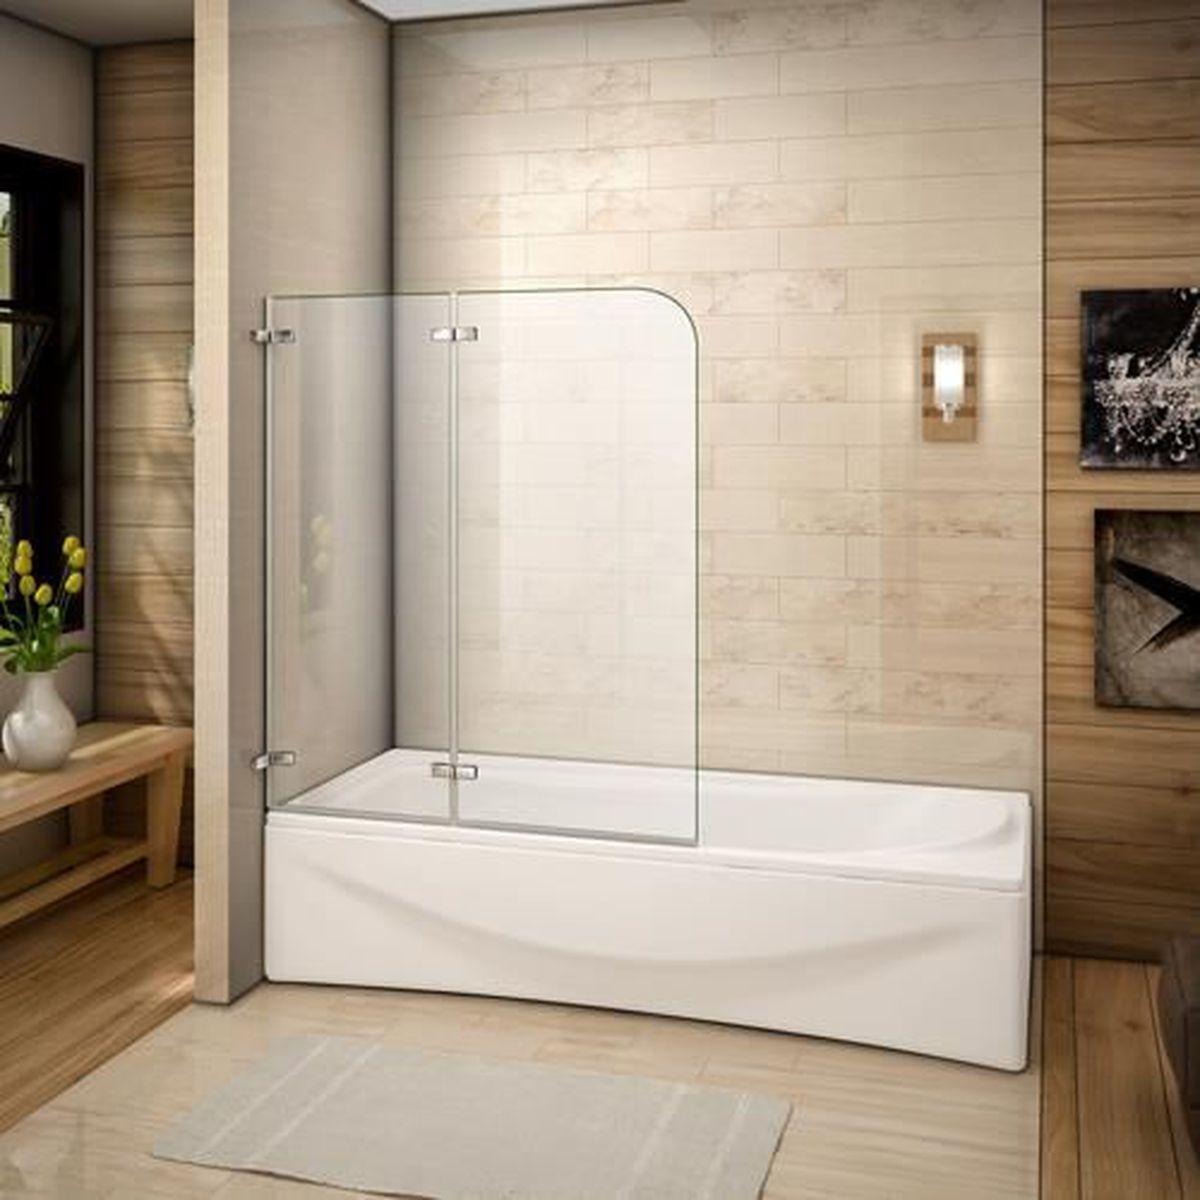 xcm pare baignoire volets rabattables mm verre with installer un pare baignoire sans percer. Black Bedroom Furniture Sets. Home Design Ideas